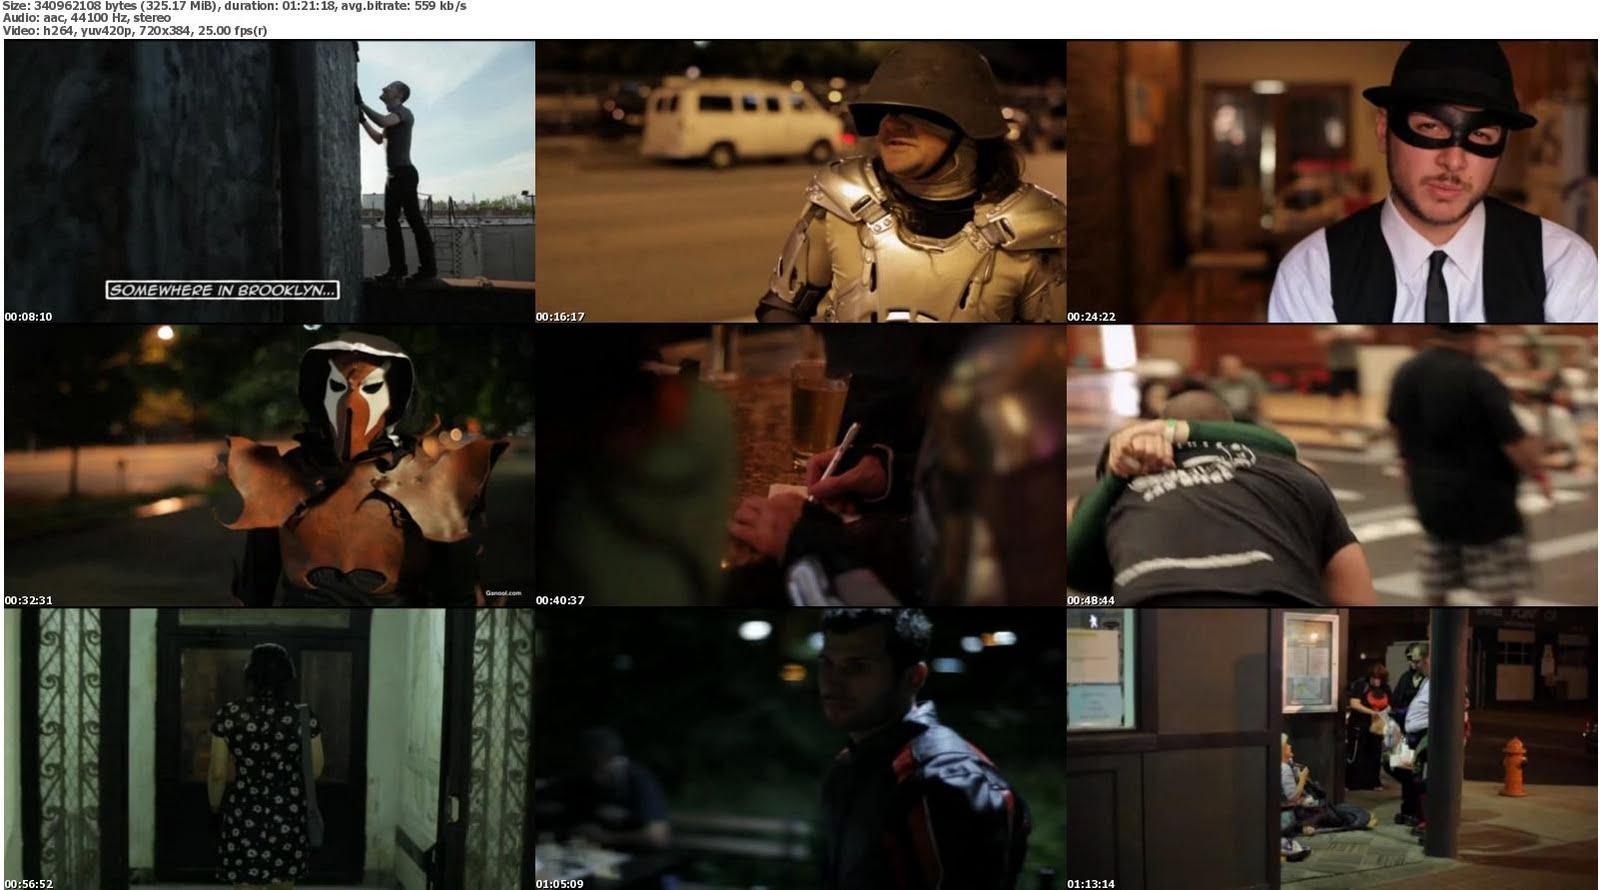 http://1.bp.blogspot.com/-YzZUyM-uMnE/TkXytiIFBVI/AAAAAAAABgU/tyIg15epud4/s1600/Superheroes+%25282011%2529+DVDRip+325MB+mediafirehbo.com.jpg